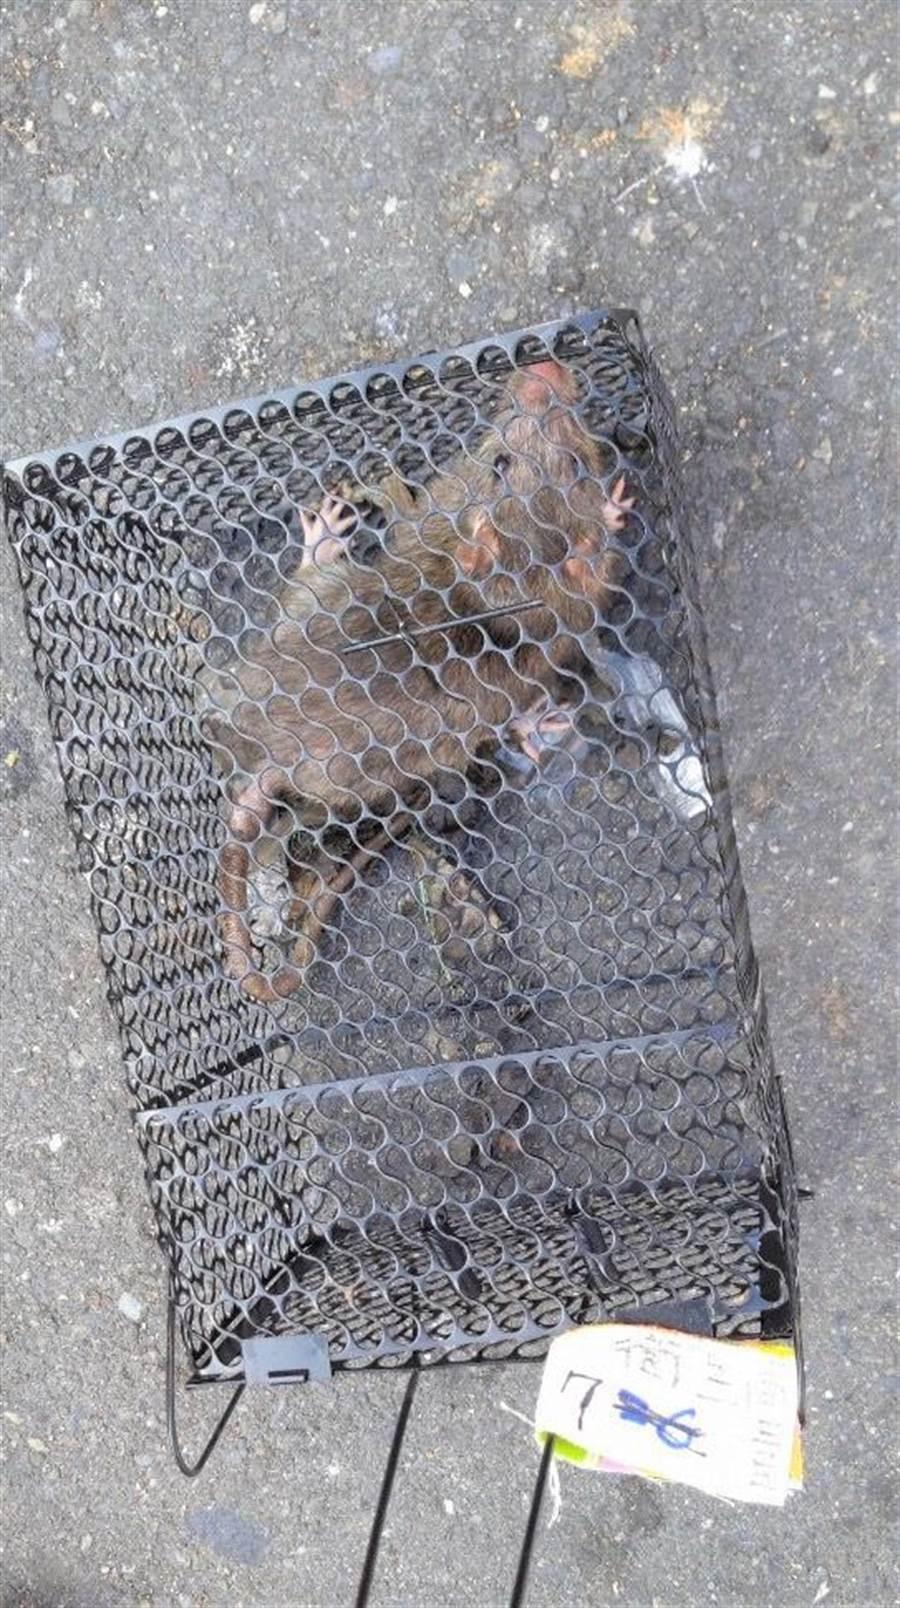 高市衛生局針對個案居住地、活動地進行鼠隻監測,截至1月11日,居住地累計捕獲鼠隻8隻,工作地累計捕獲鼠隻3隻。(高市衛生局提供/柯宗緯高雄傳真)